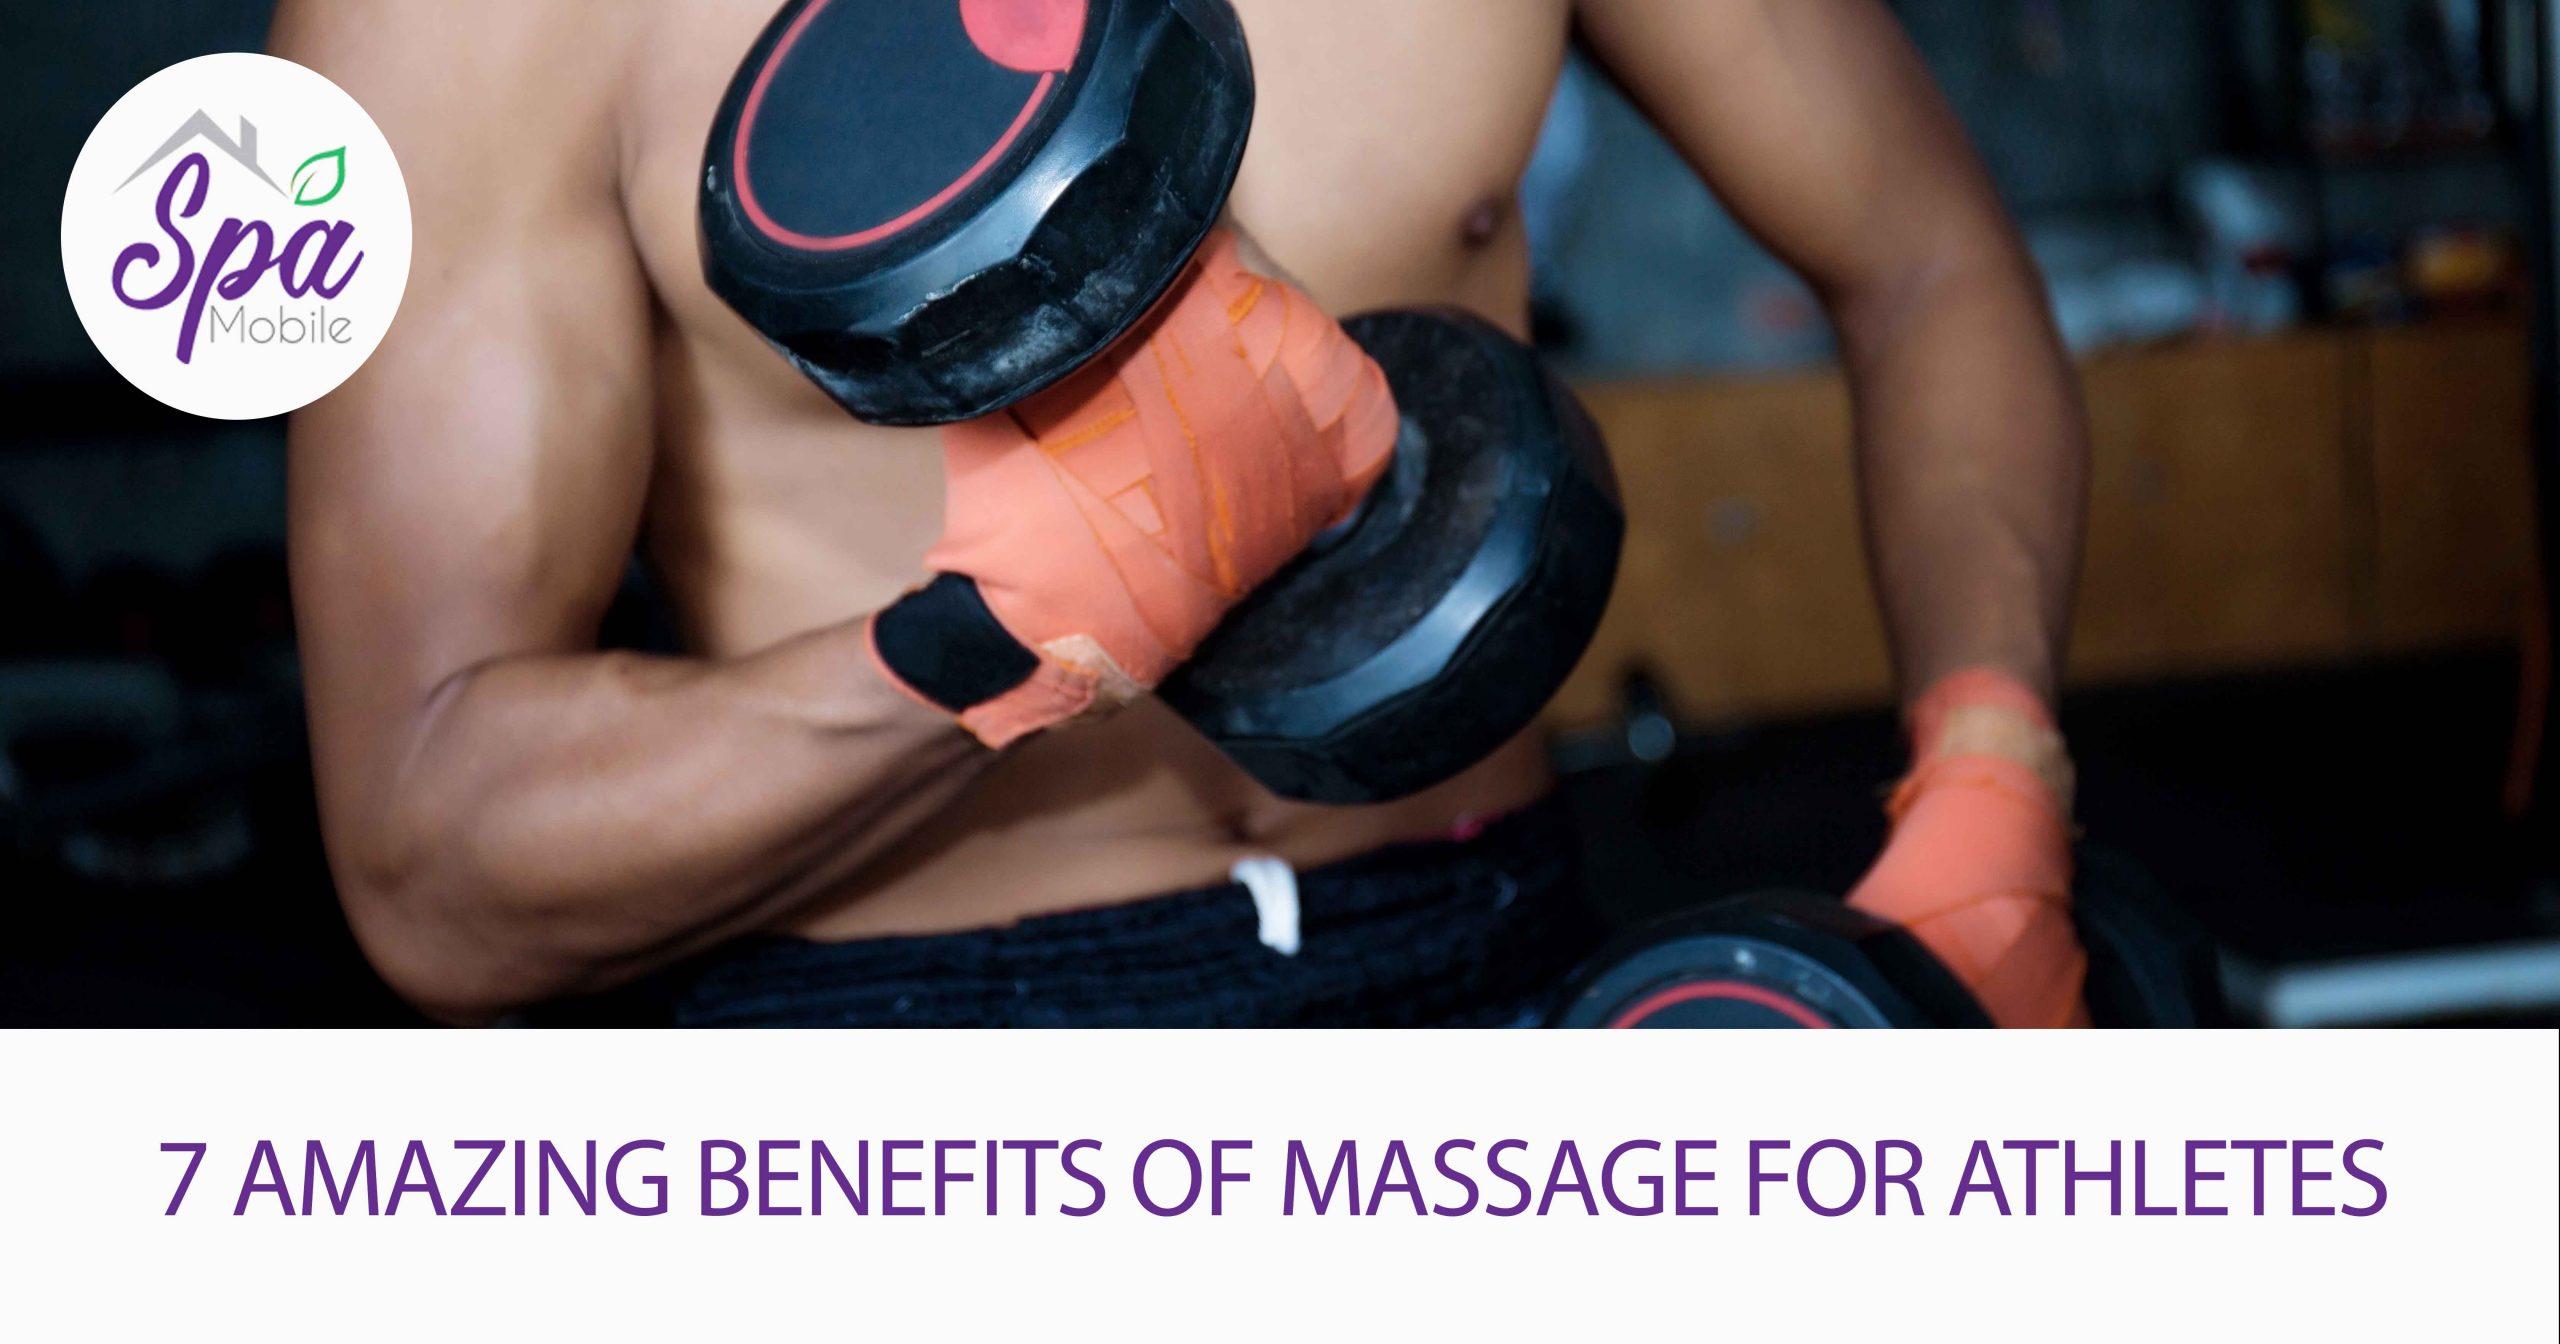 7 Amazing Benefits Of Massage For Athletes